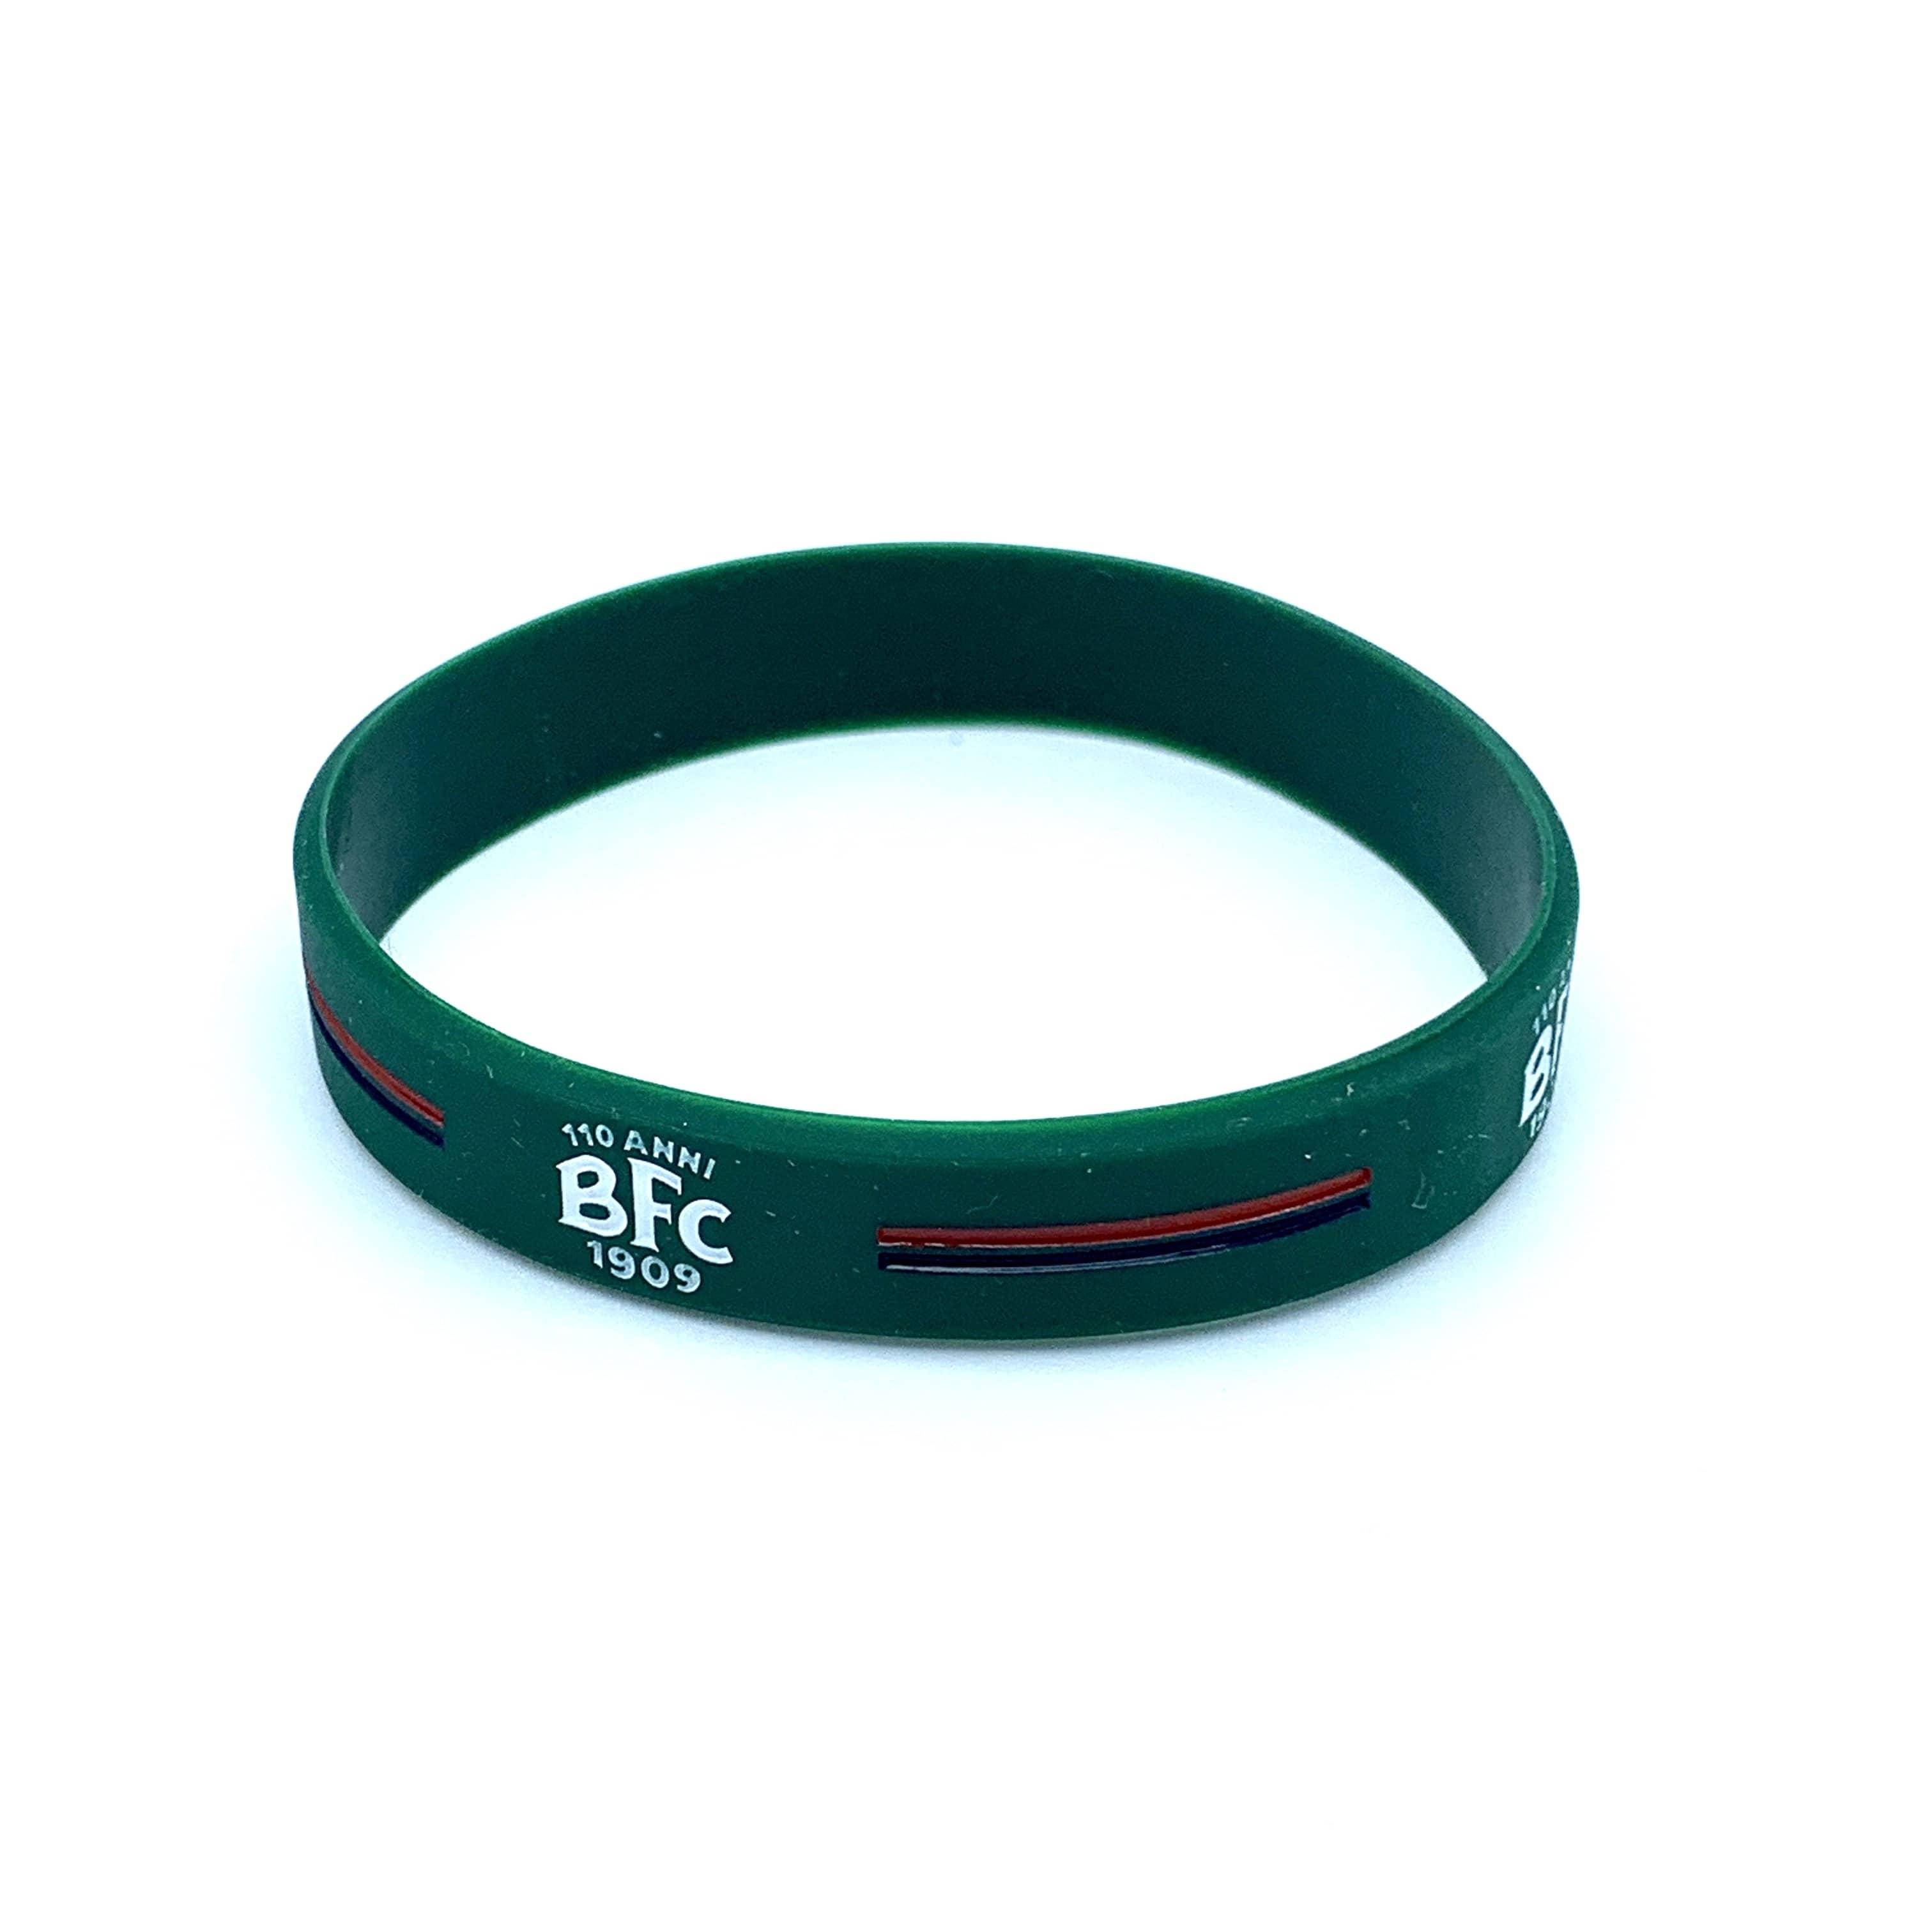 Bologna Fc BRACCIALETTO BFC 110 Adulto